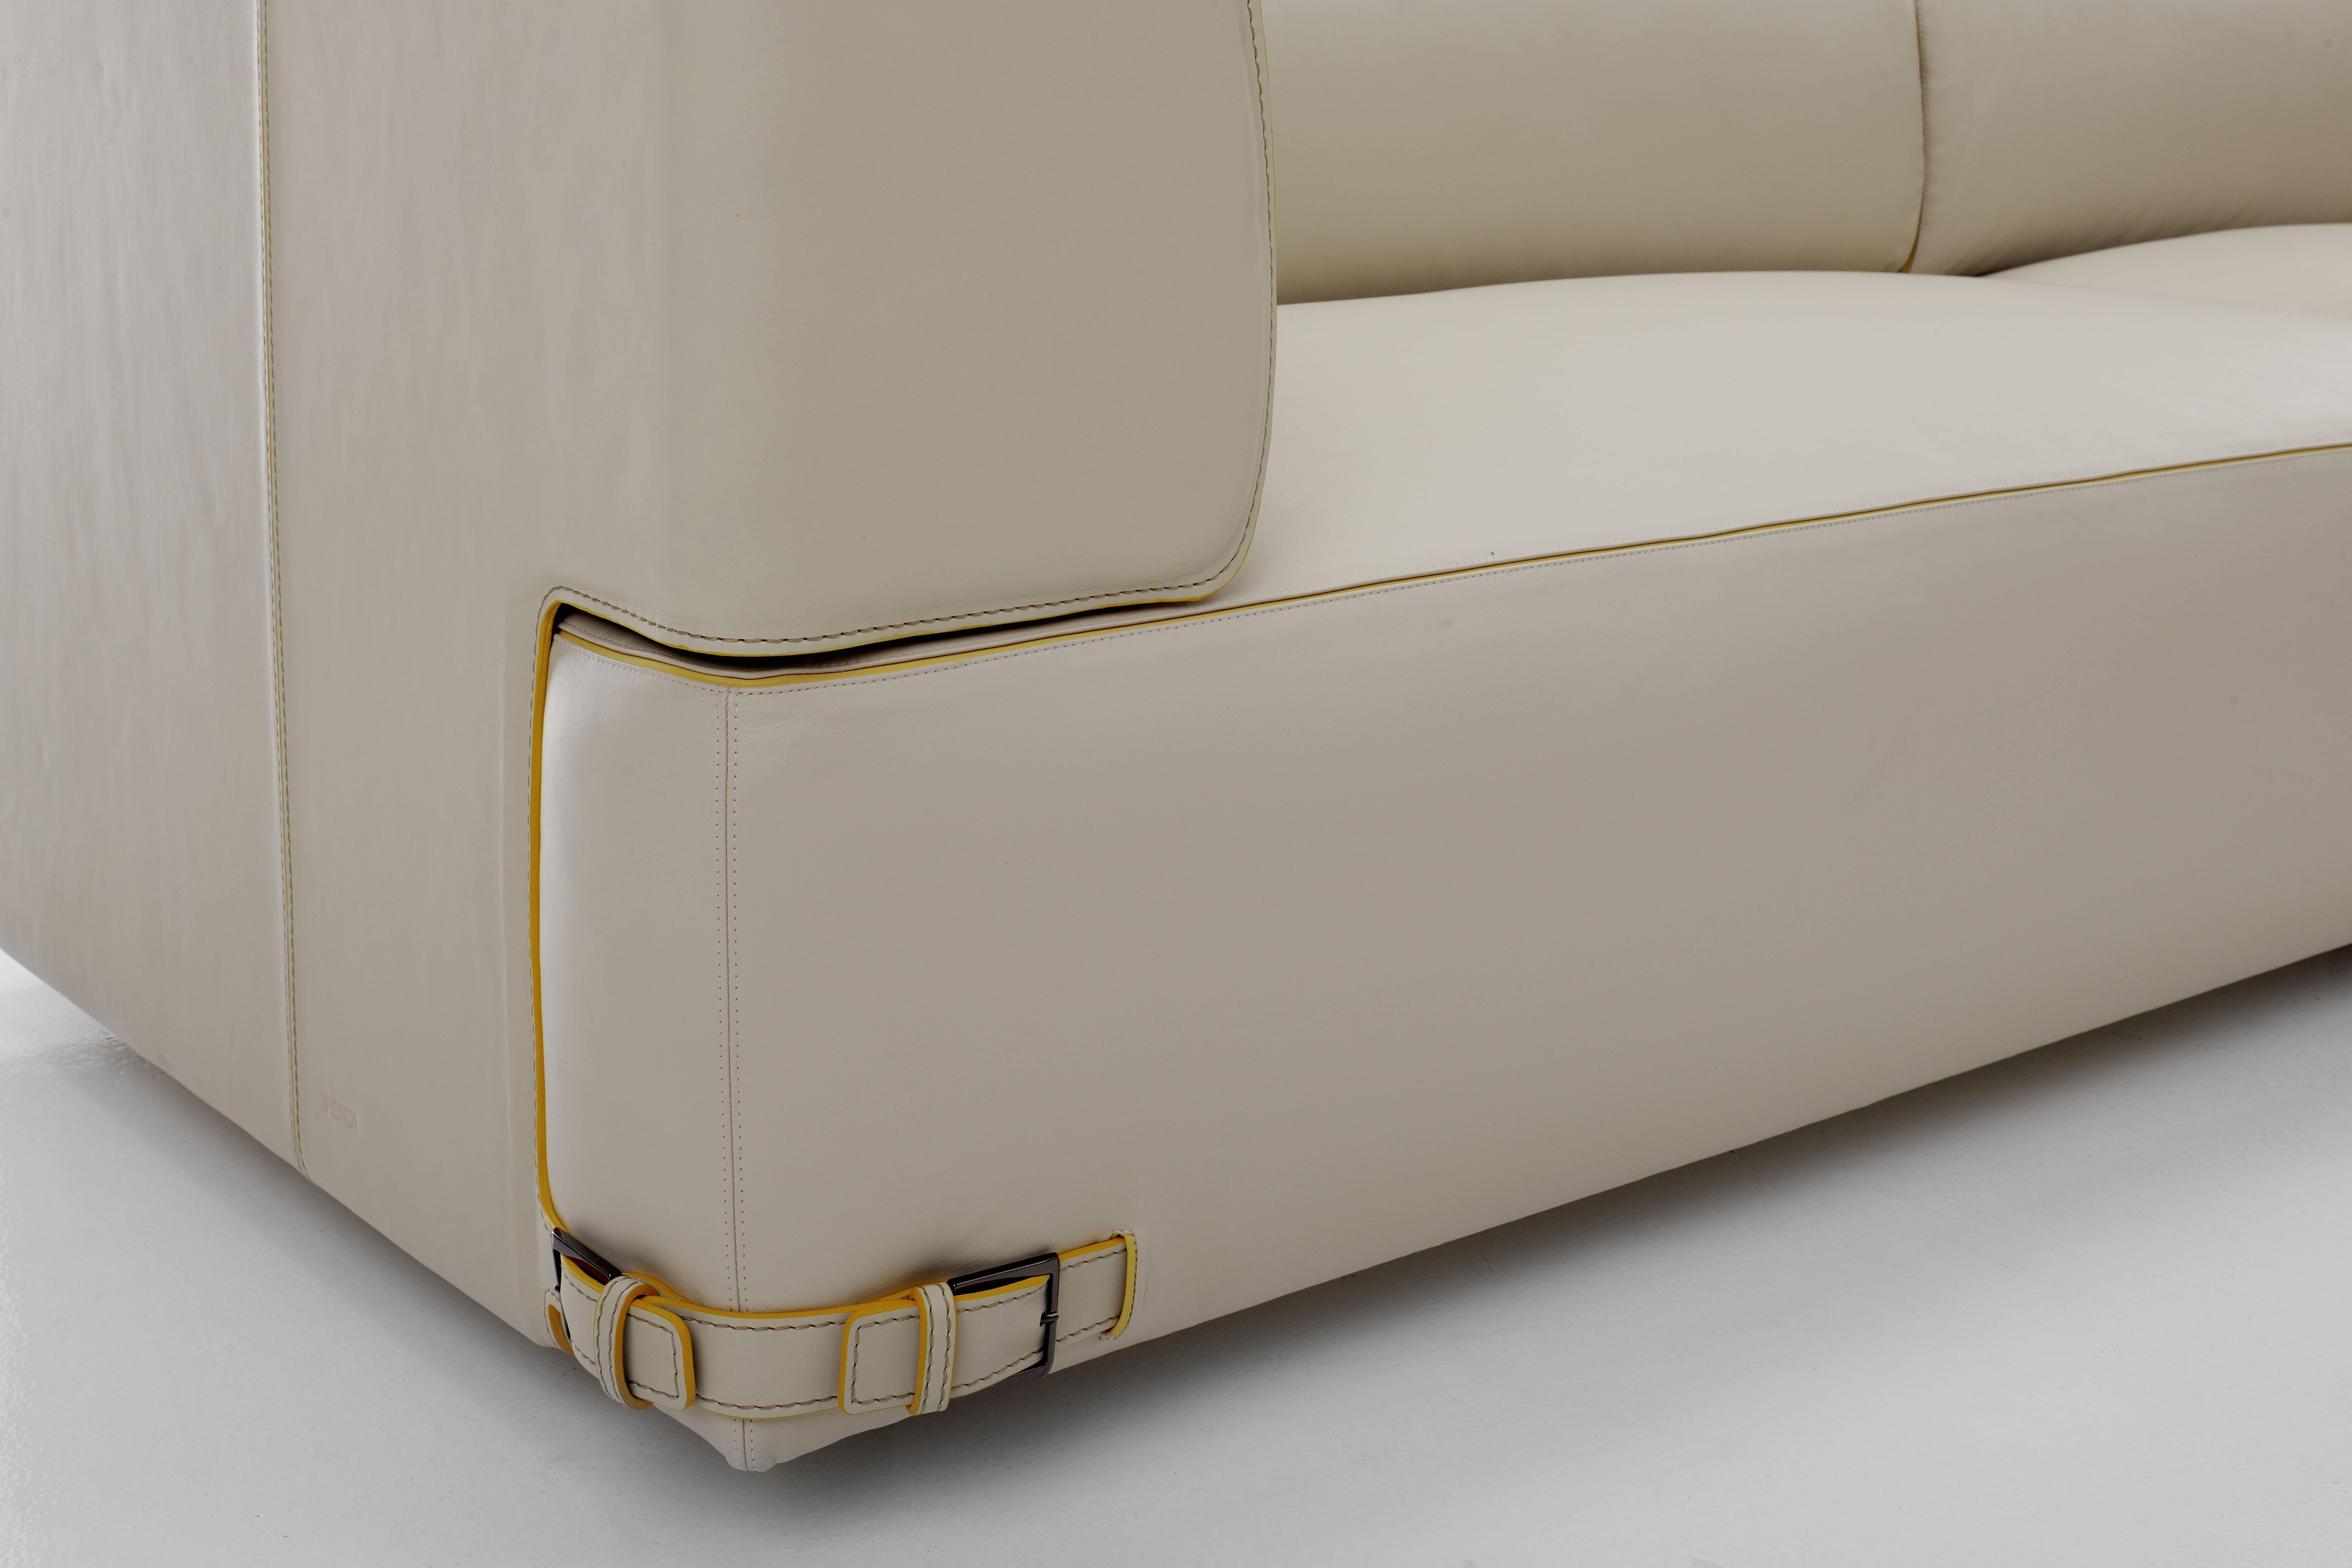 Fendi Casa Soho sofa design Toan Nguyen